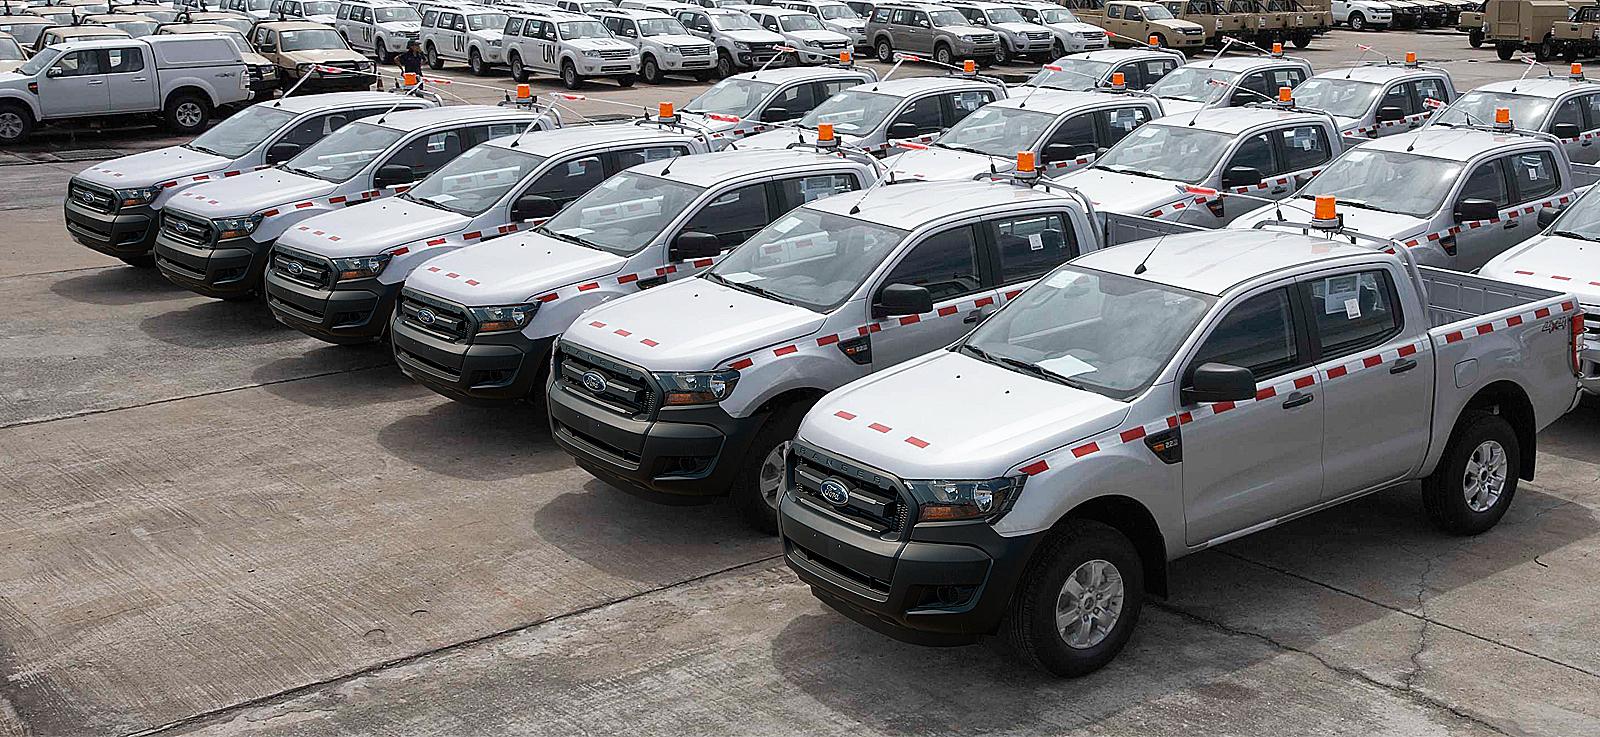 A Global Fleet Sales fleet of cars